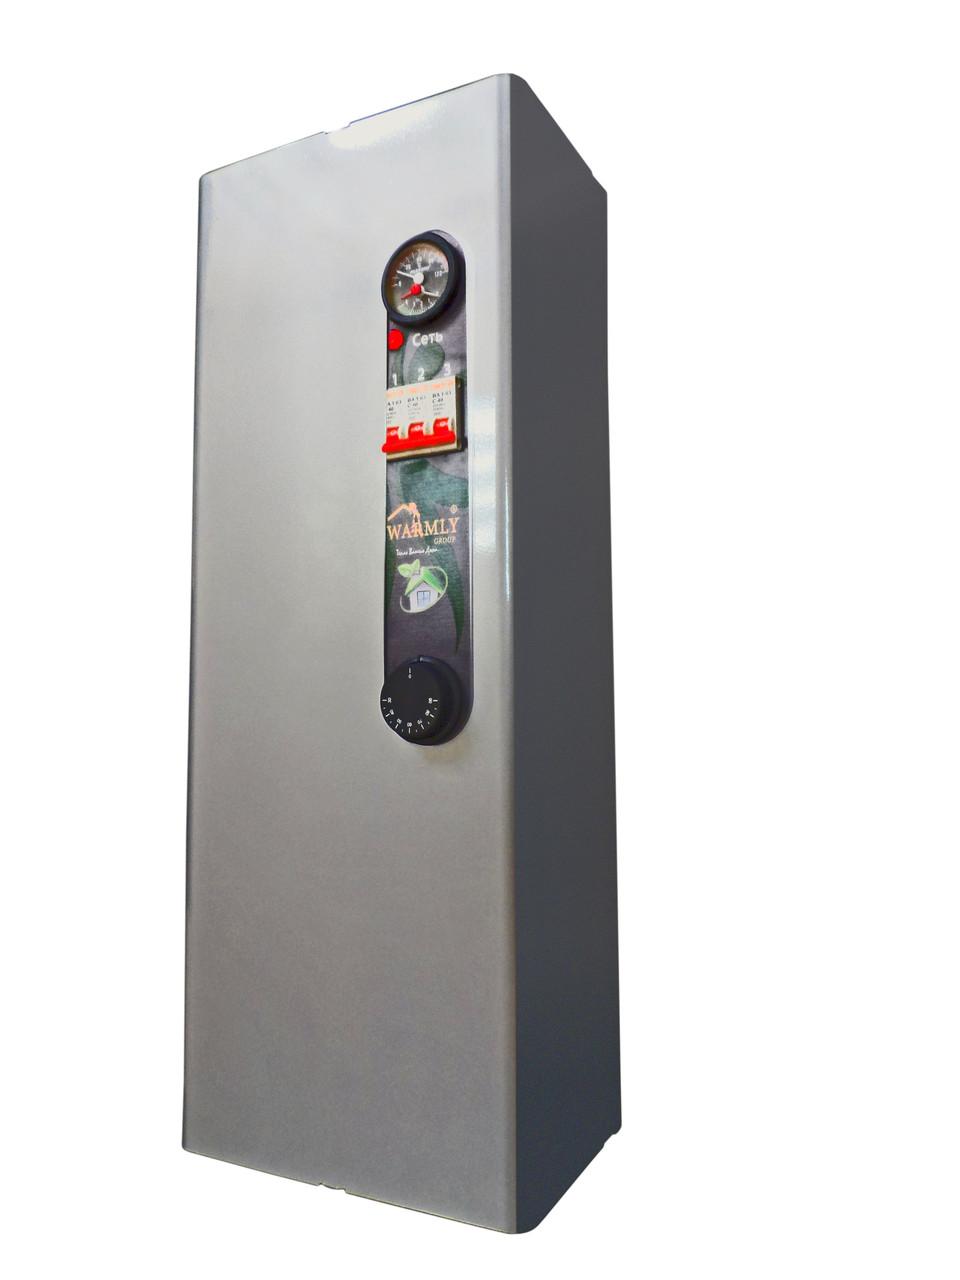 Котел электрический Warmly Classik MgS WCSMgS 15 кВт/380в (cot-0020)